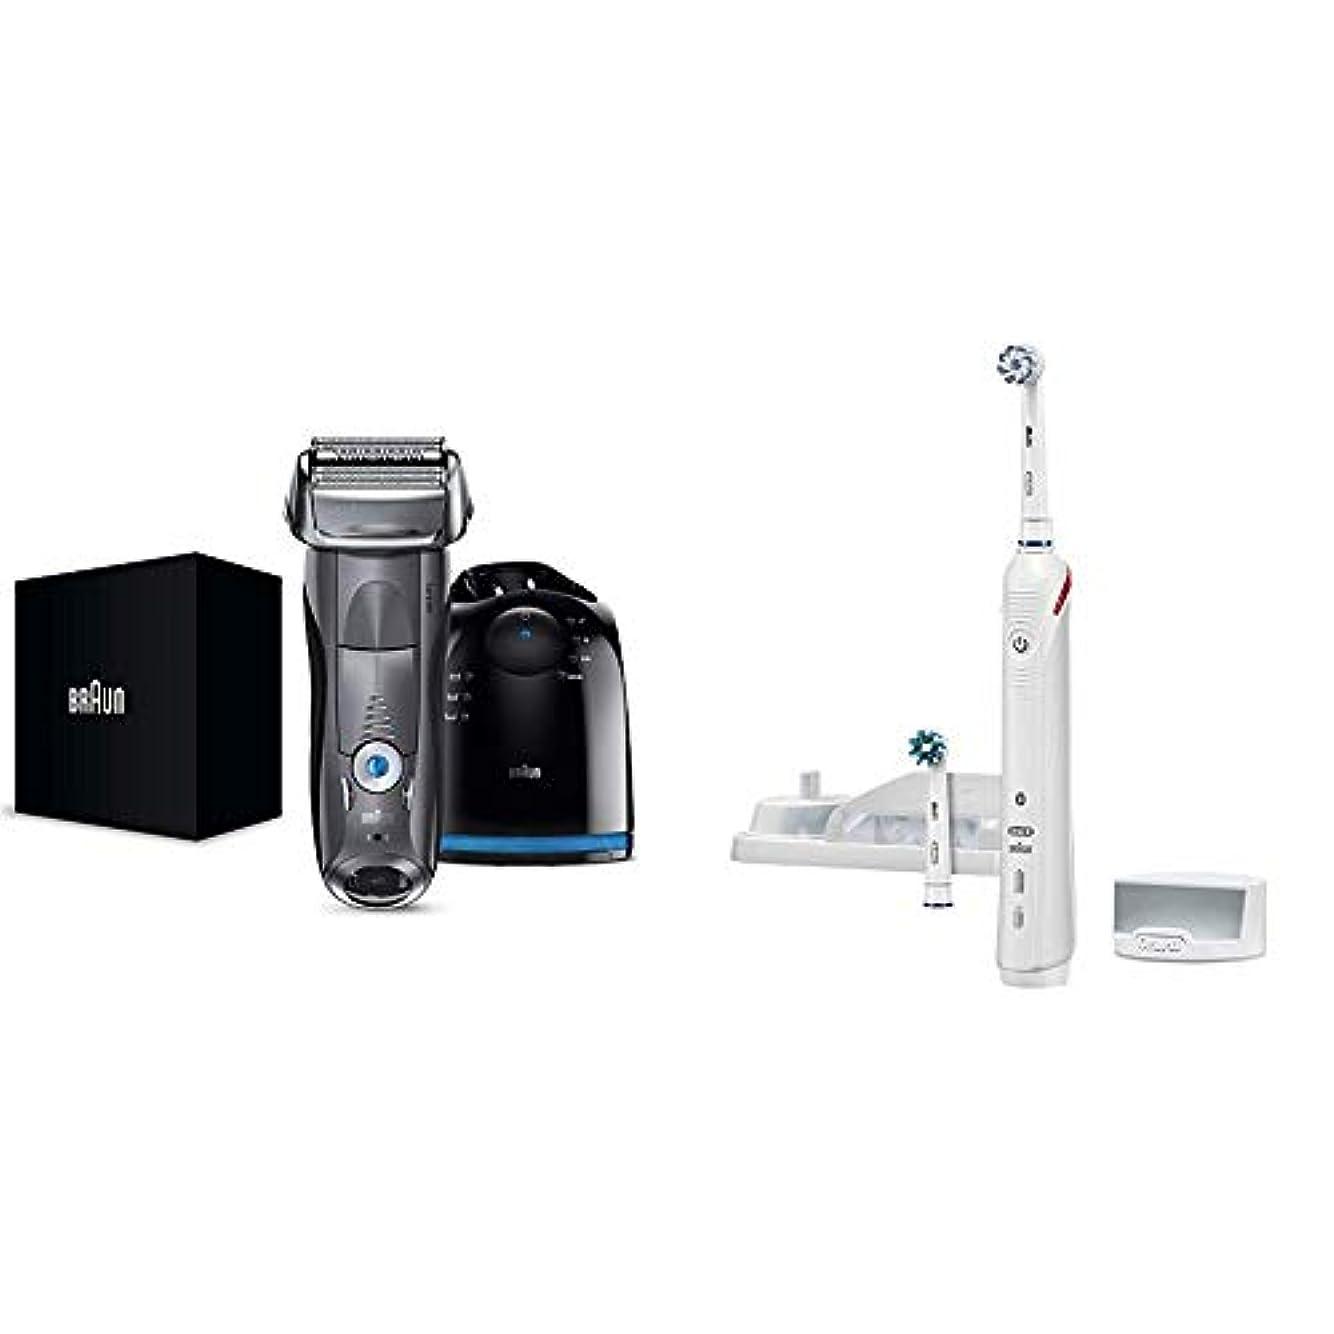 カイウスこれまで価値【Amazon.co.jp 限定】ブラウン メンズ電気シェーバー シリーズ7 7867cc 4カットシステム 洗浄機付 水洗い/お風呂剃り可 & ブラウン オーラルB 電動歯ブラシ スマート4000 D6015253P